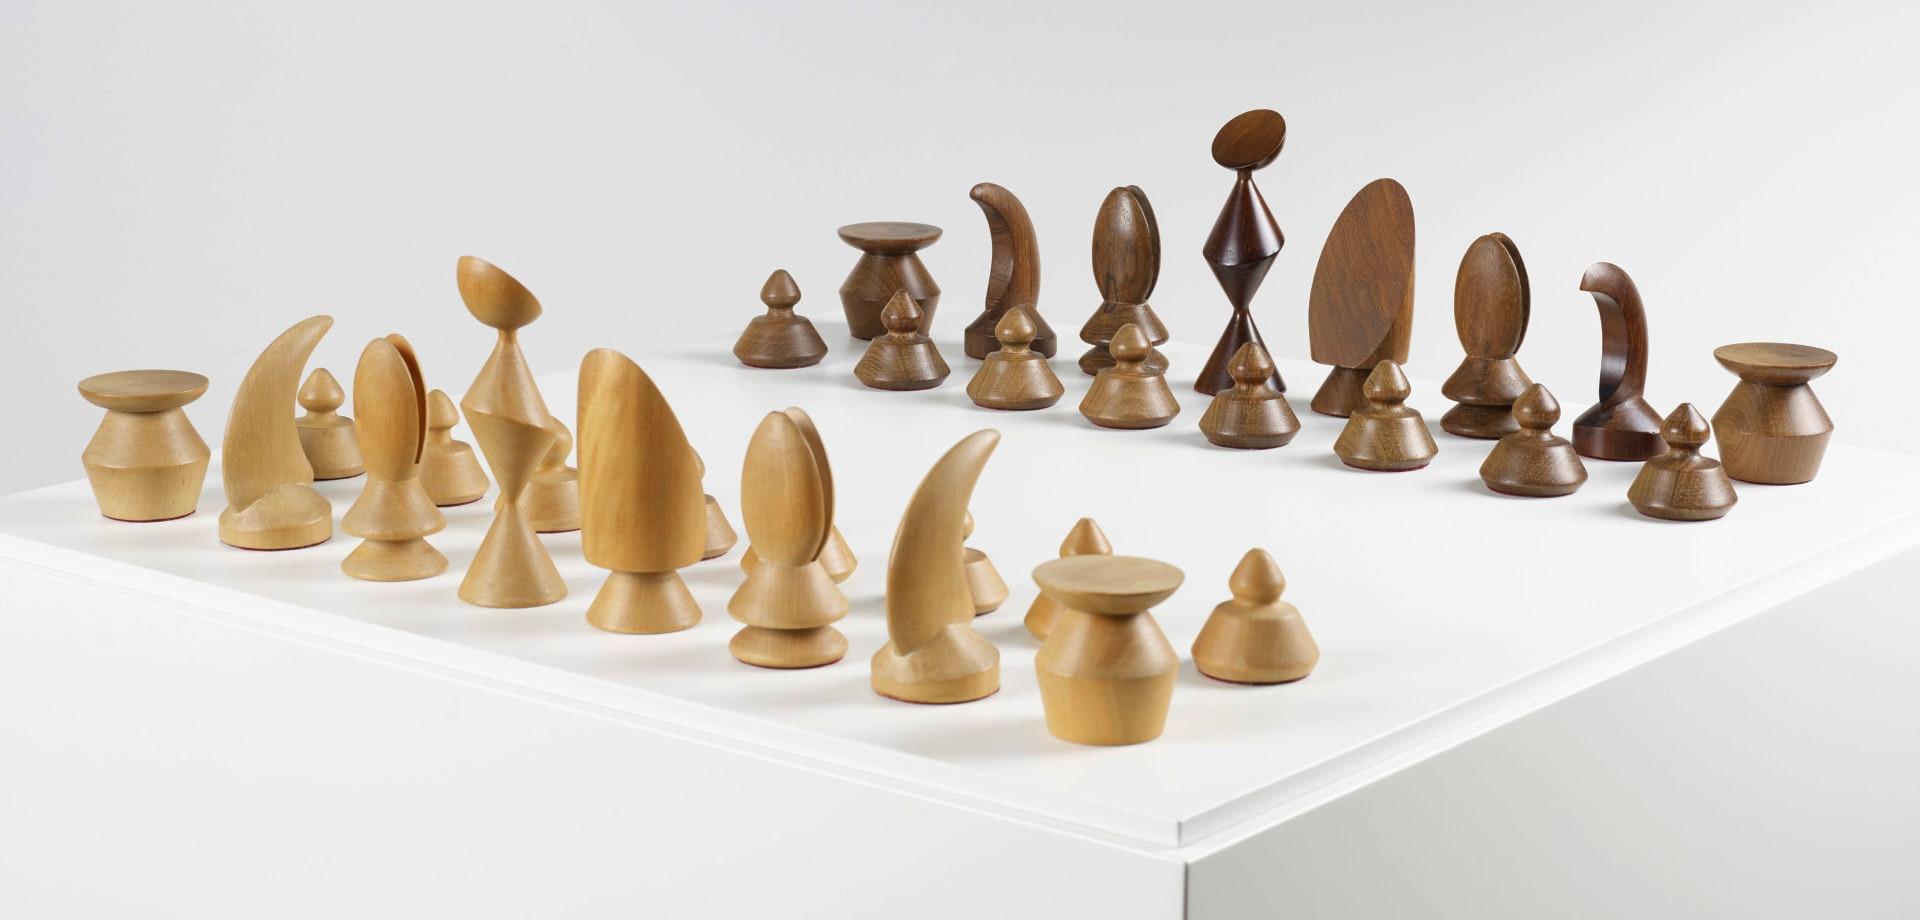 Imagen del Juego de ajedrez diseñado por de Max Ernst que se exhibe en la exposición patrocinada por la Fundación BBVA en la Fundación Miró